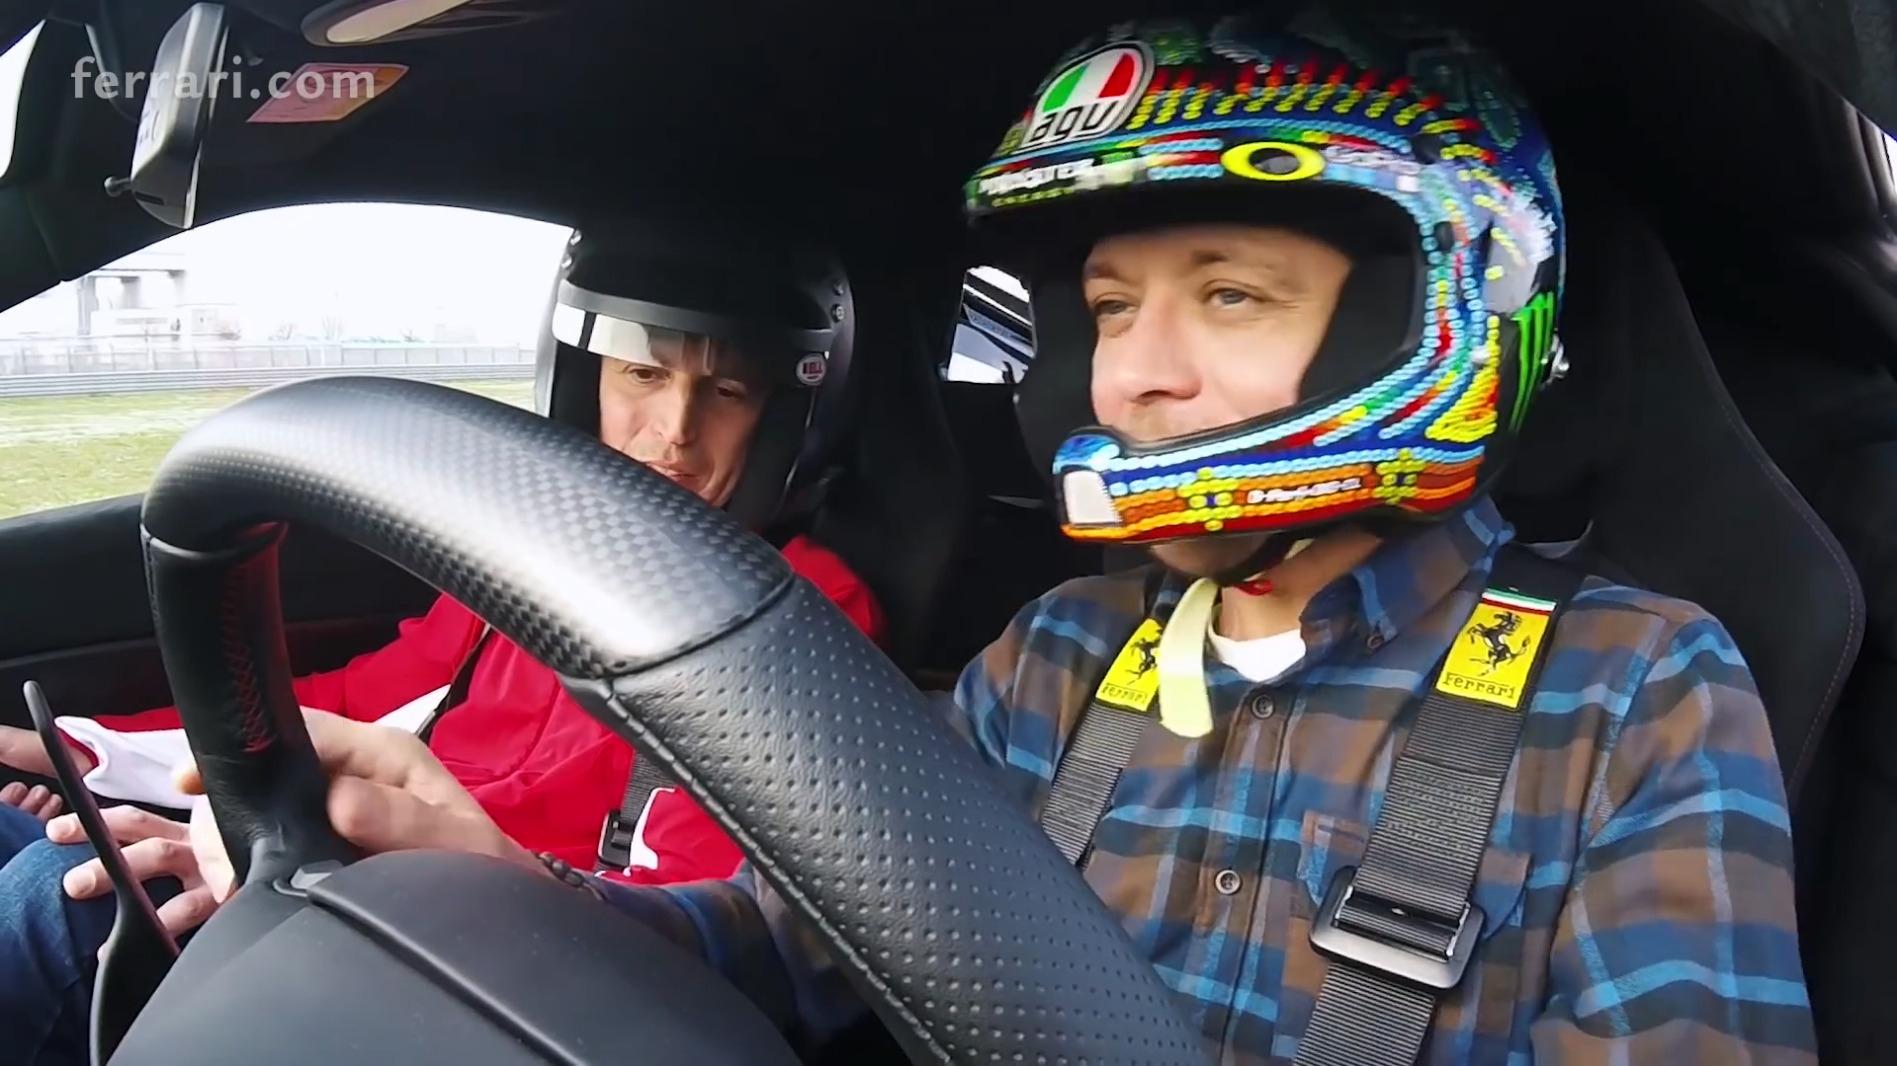 Най-новото Ferrari 488 Pista излезе на пистата за специален тестдрайв.